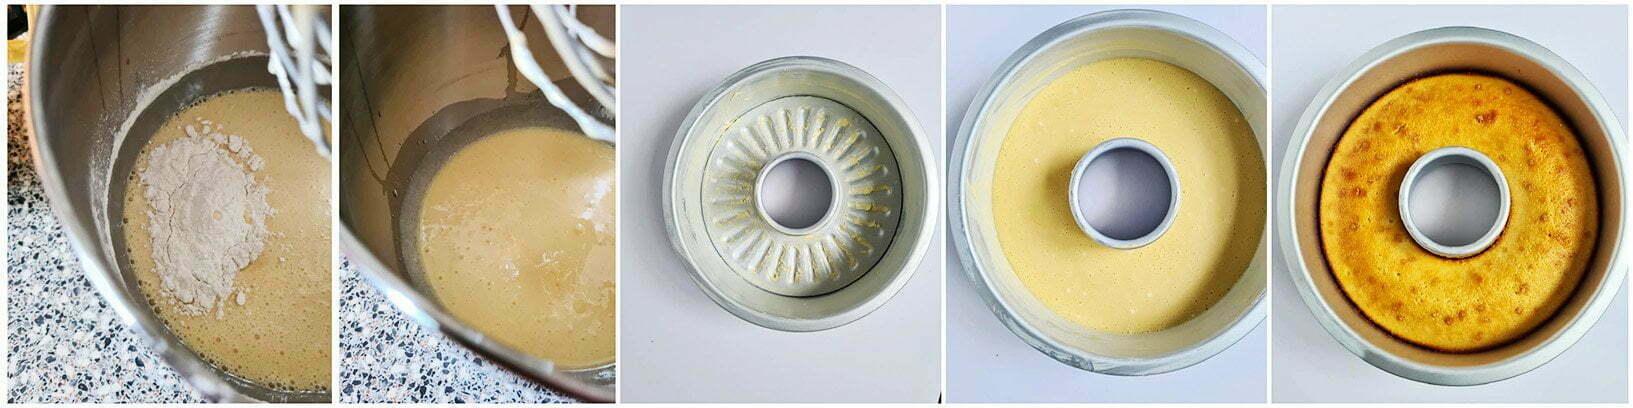 Giet het cakebeslag in een ingevette bakvorm